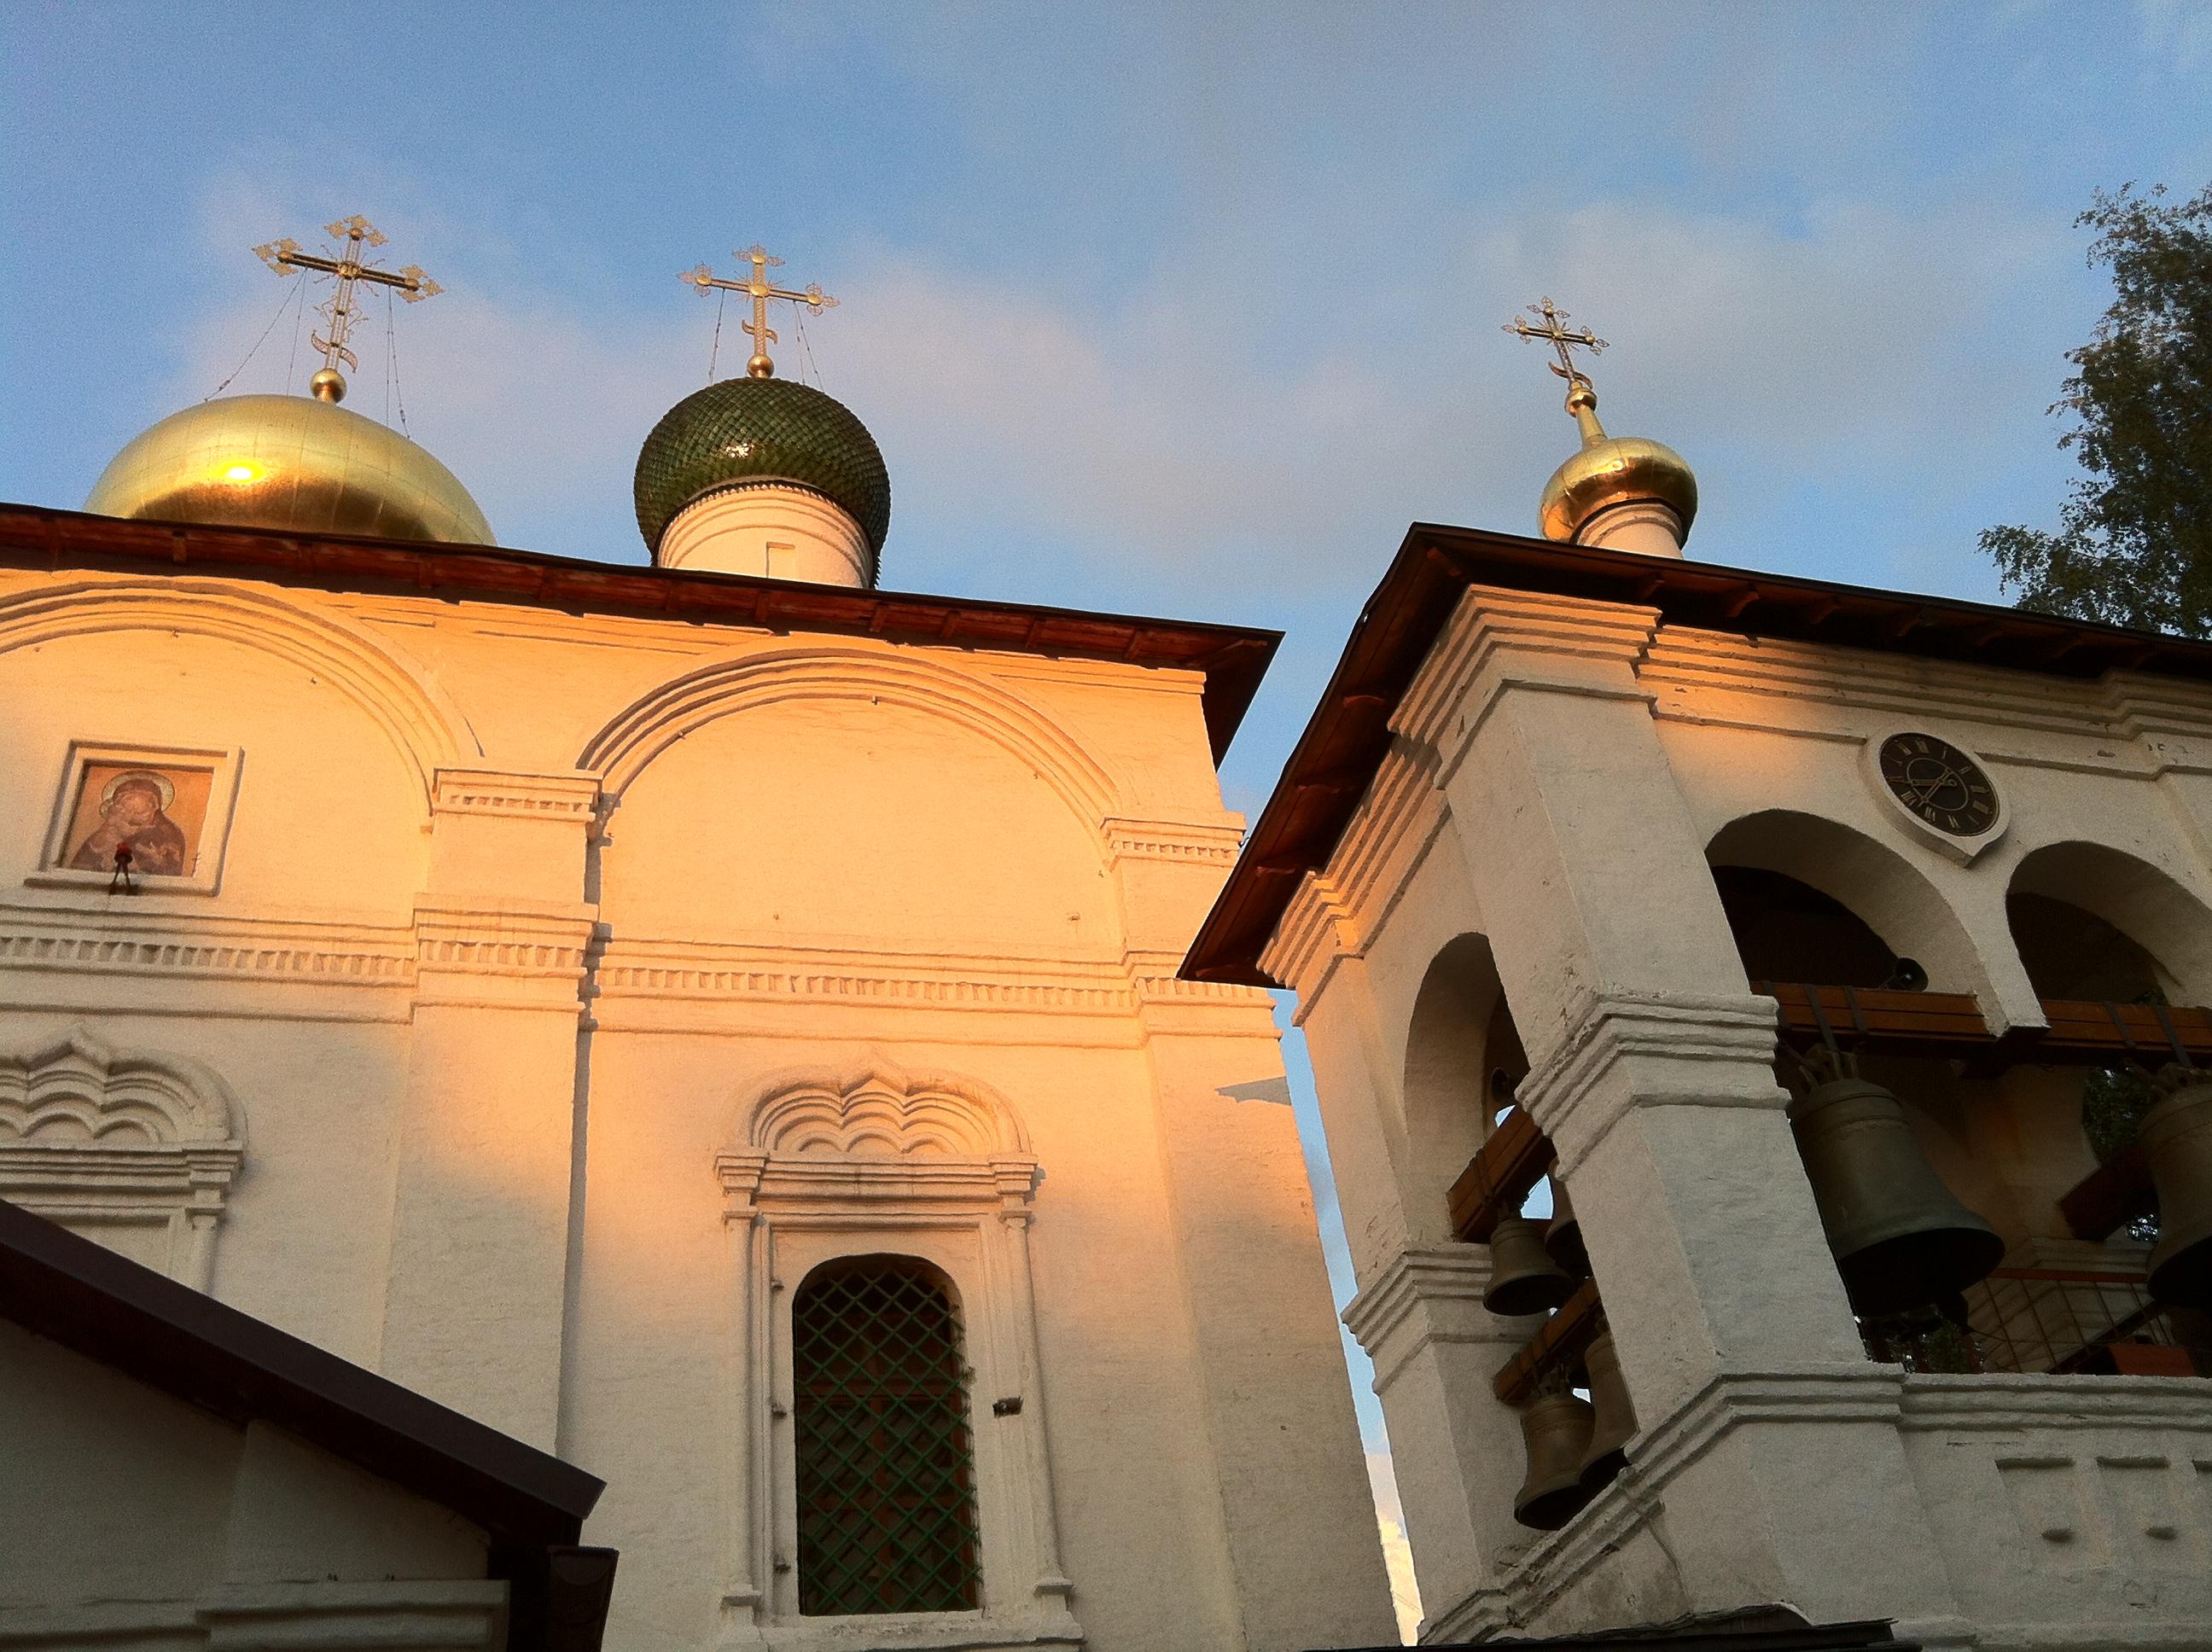 la cathédrale de l'icône Vladimir